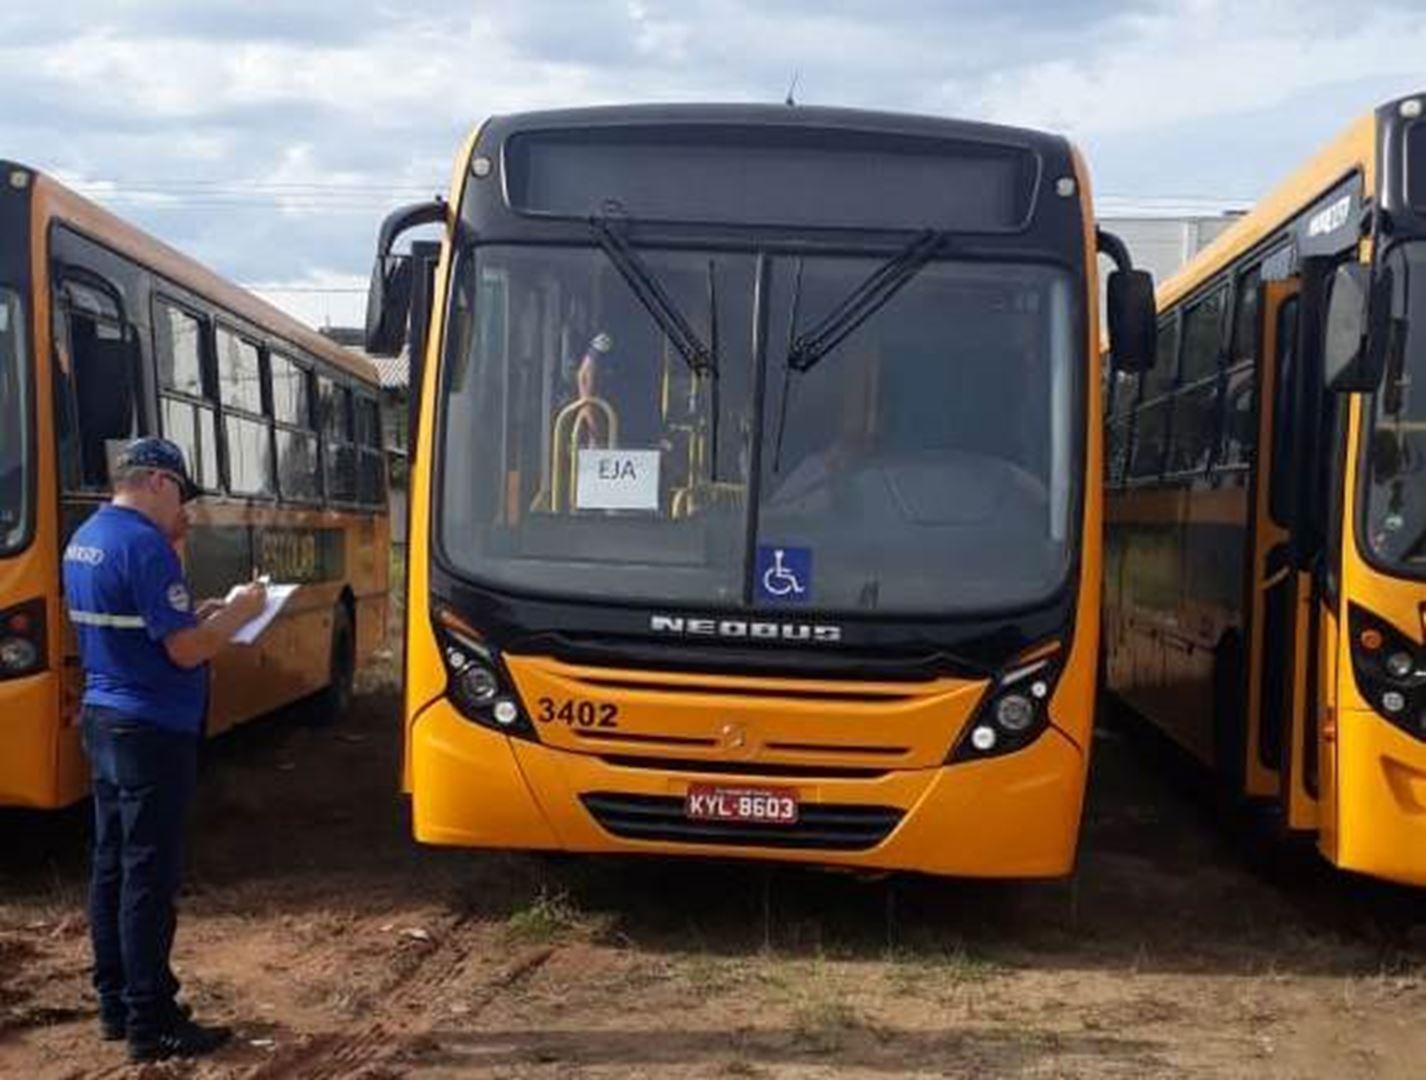 Detrami realiza vistoria em ônibus de transporte de estudantes